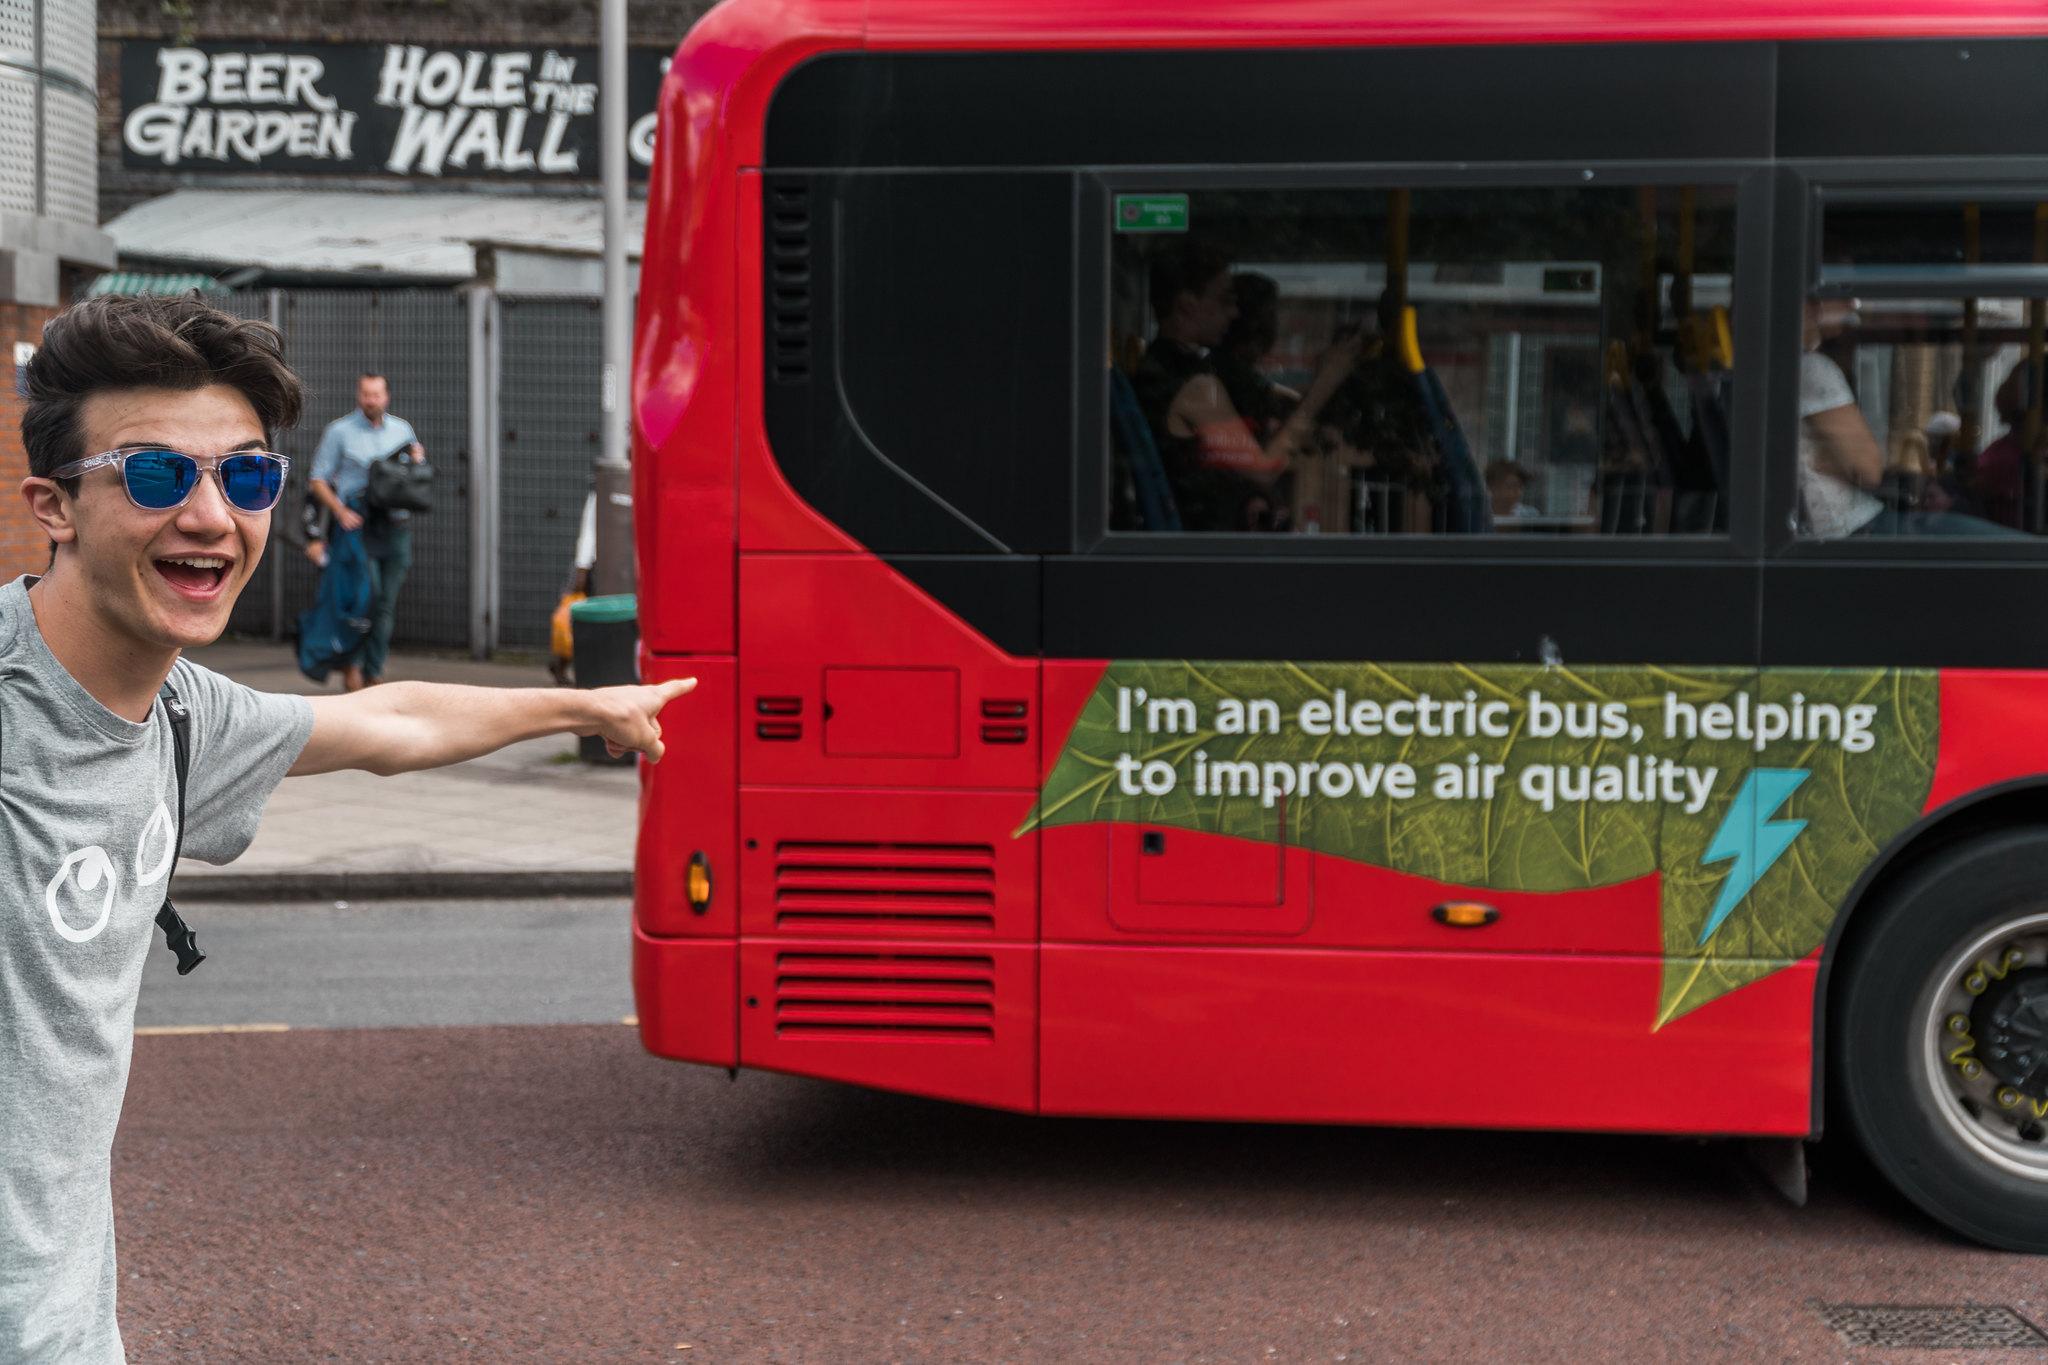 io mentre indico con entusiasmo un auto bus elettrico in partenza